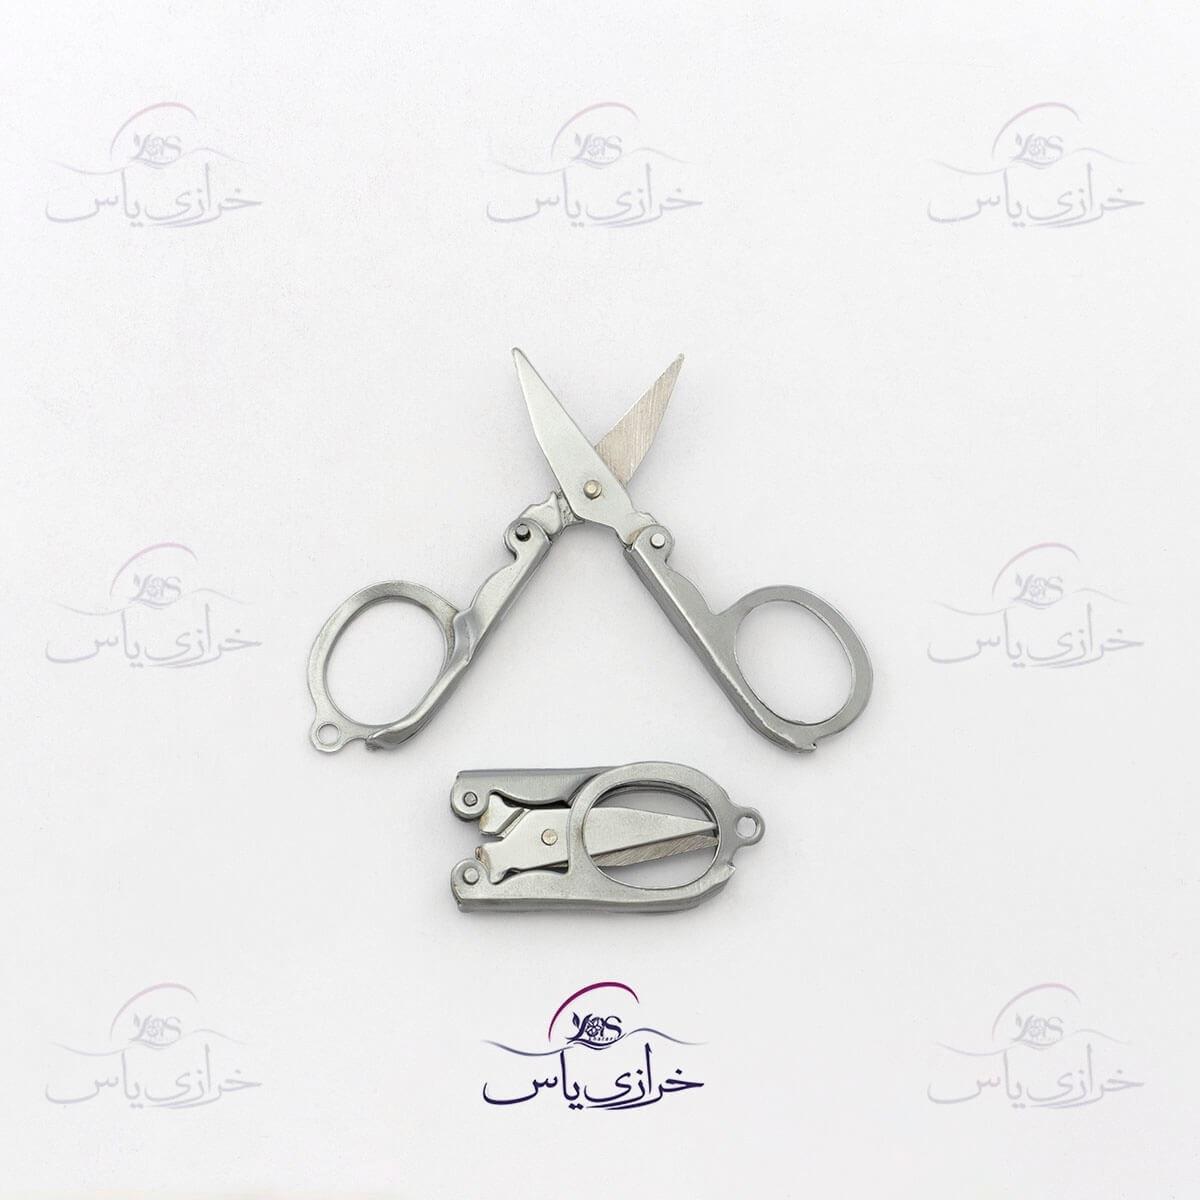 عکس قیچی فلزی تاشو جیبی کوچک  قیچی-فلزی-تاشو-جیبی-کوچک